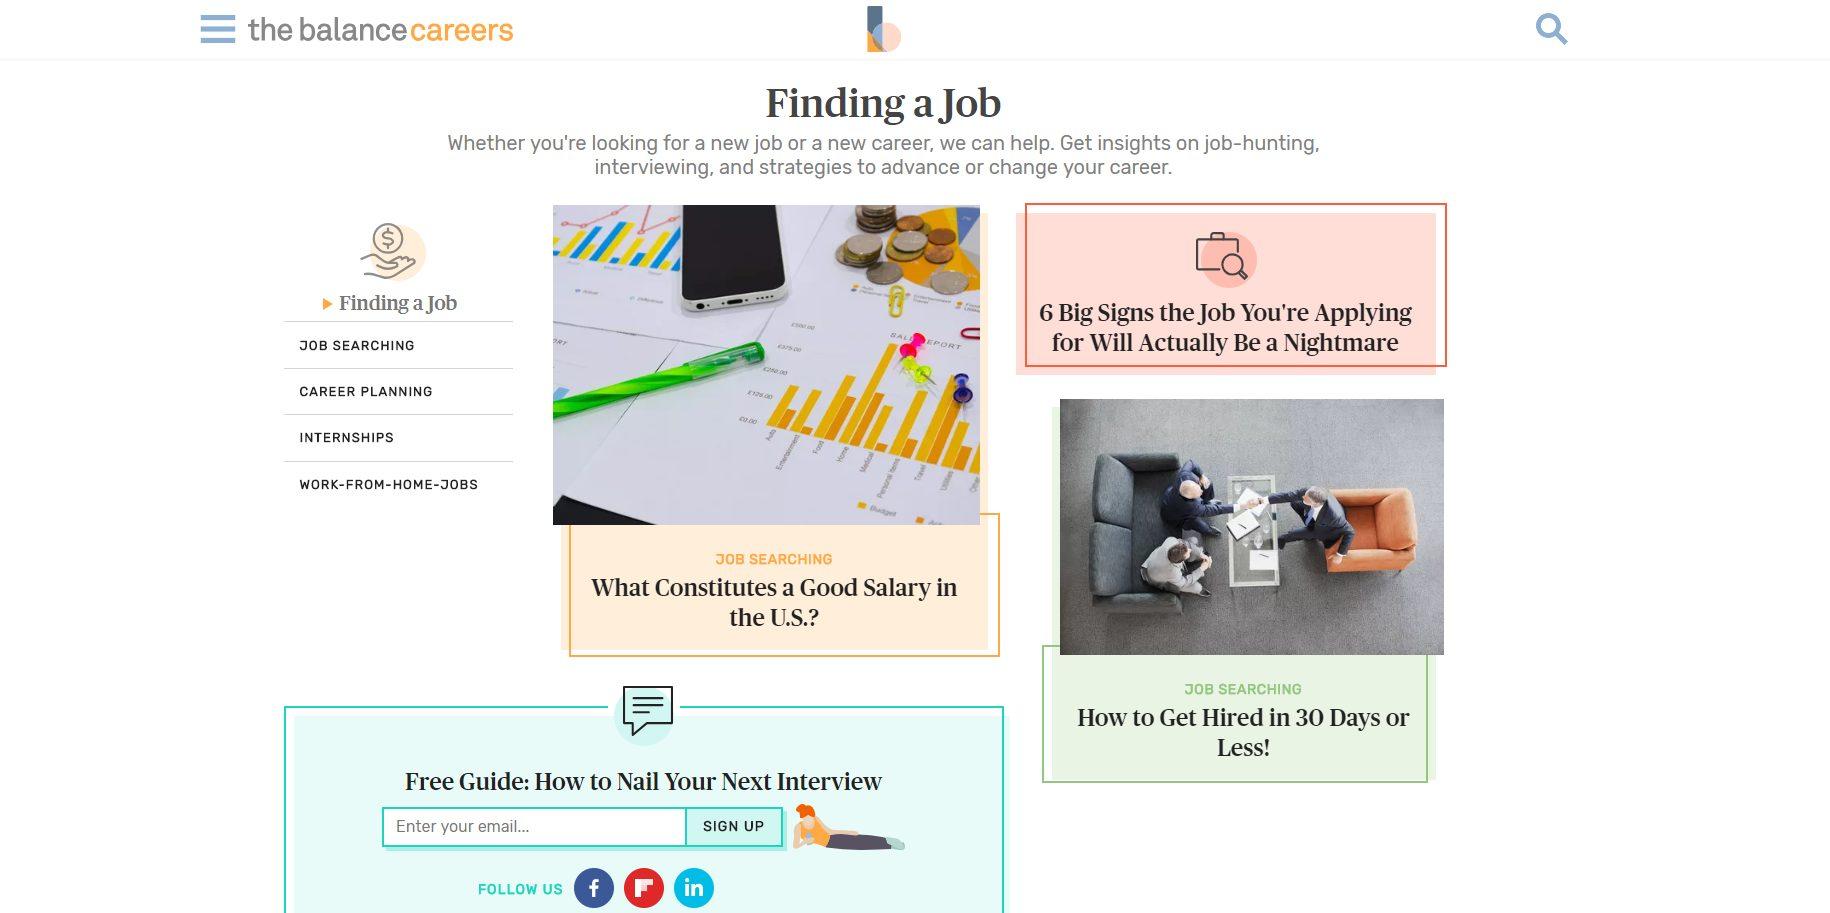 job search advice the balance careers